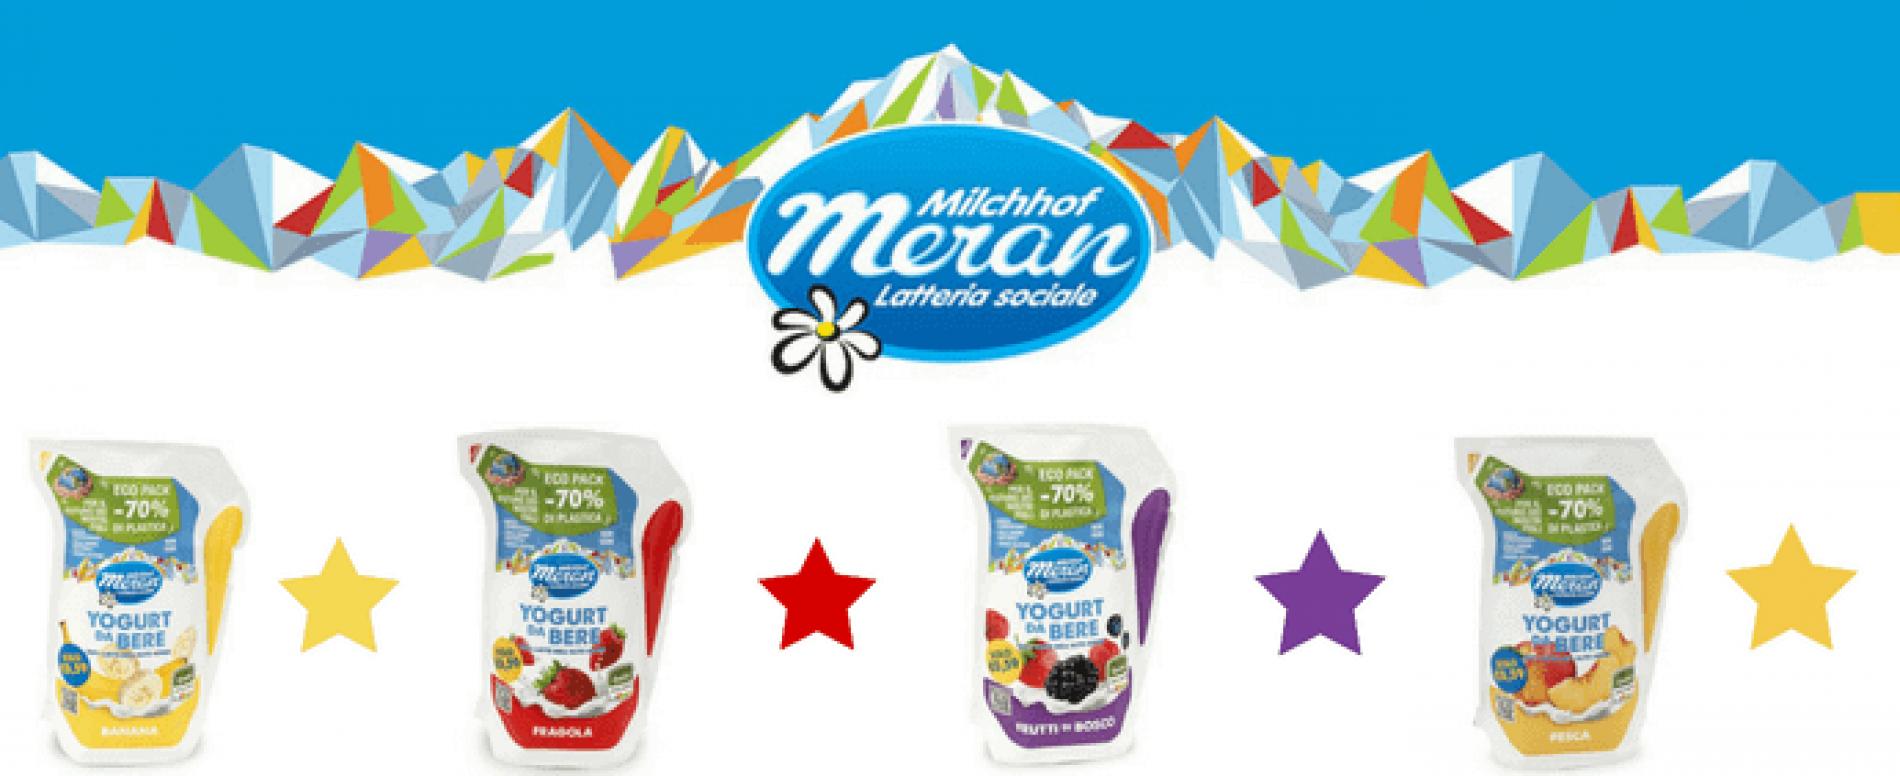 Latteria Merano lancia lo yogurt da bere in eco pack: 70% di plastica in meno